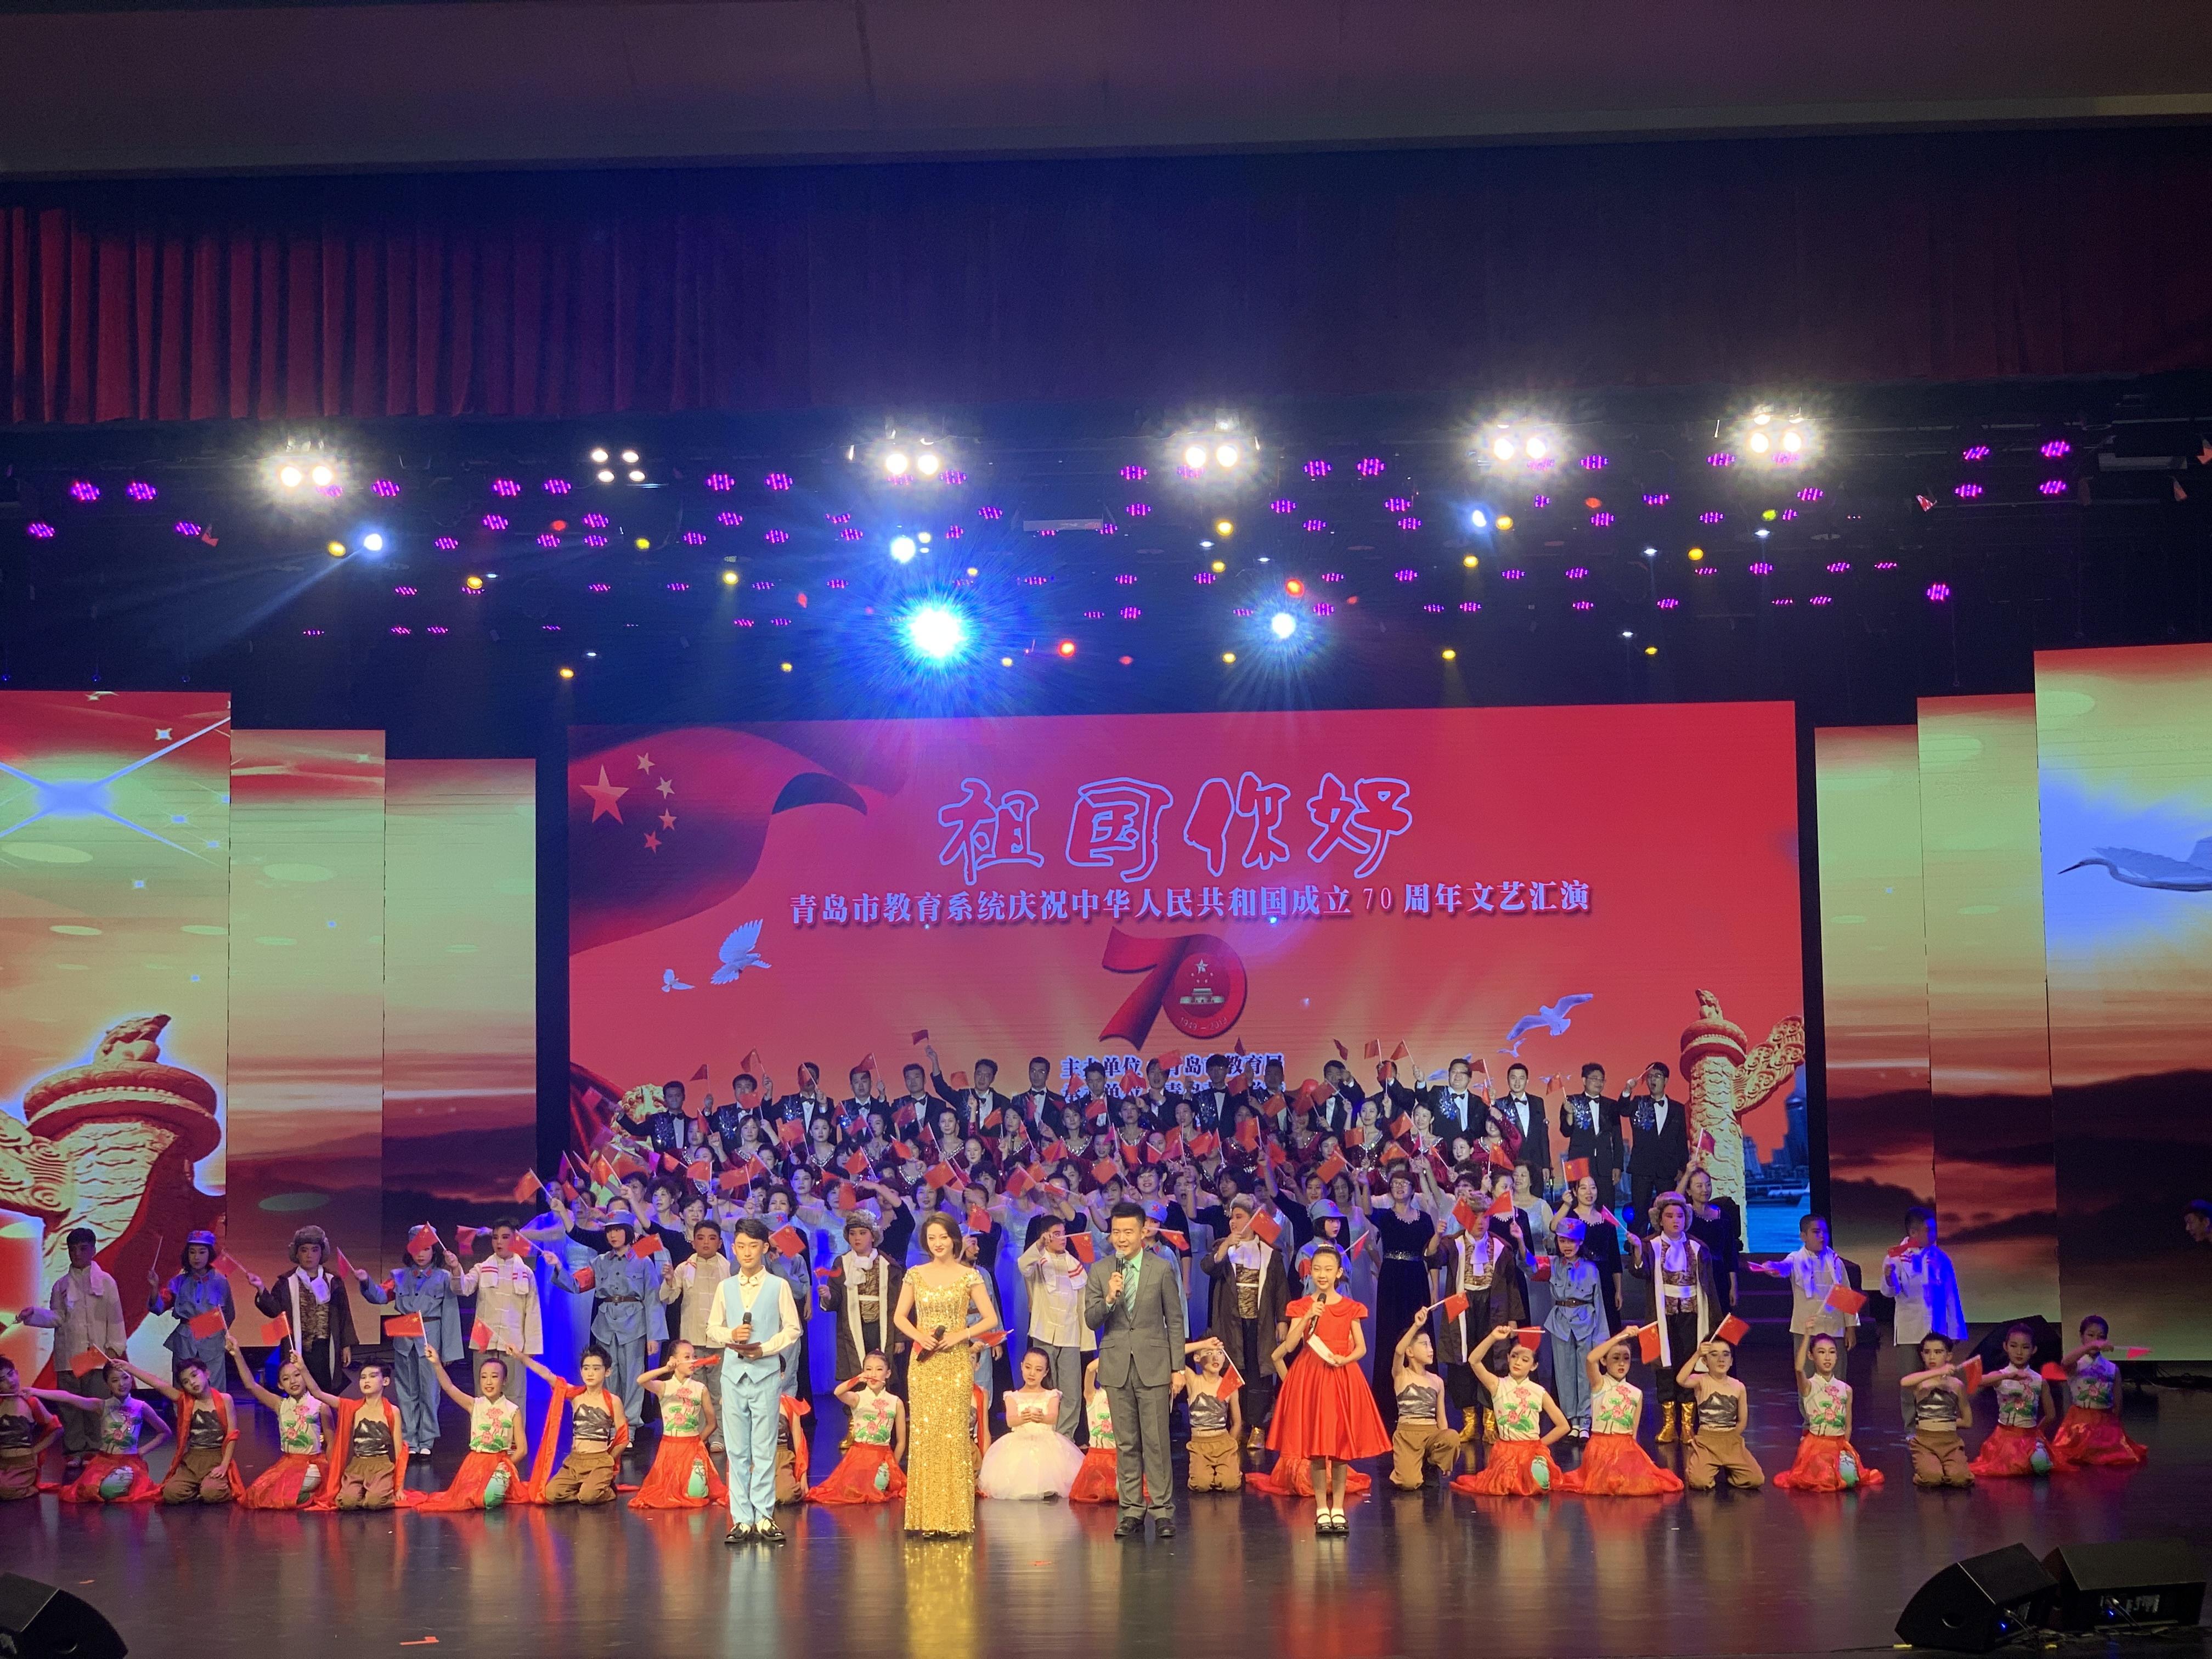 """青岛市教育系统举办""""祖国你好""""庆祝中华民族共和国成立70周年文艺汇演"""